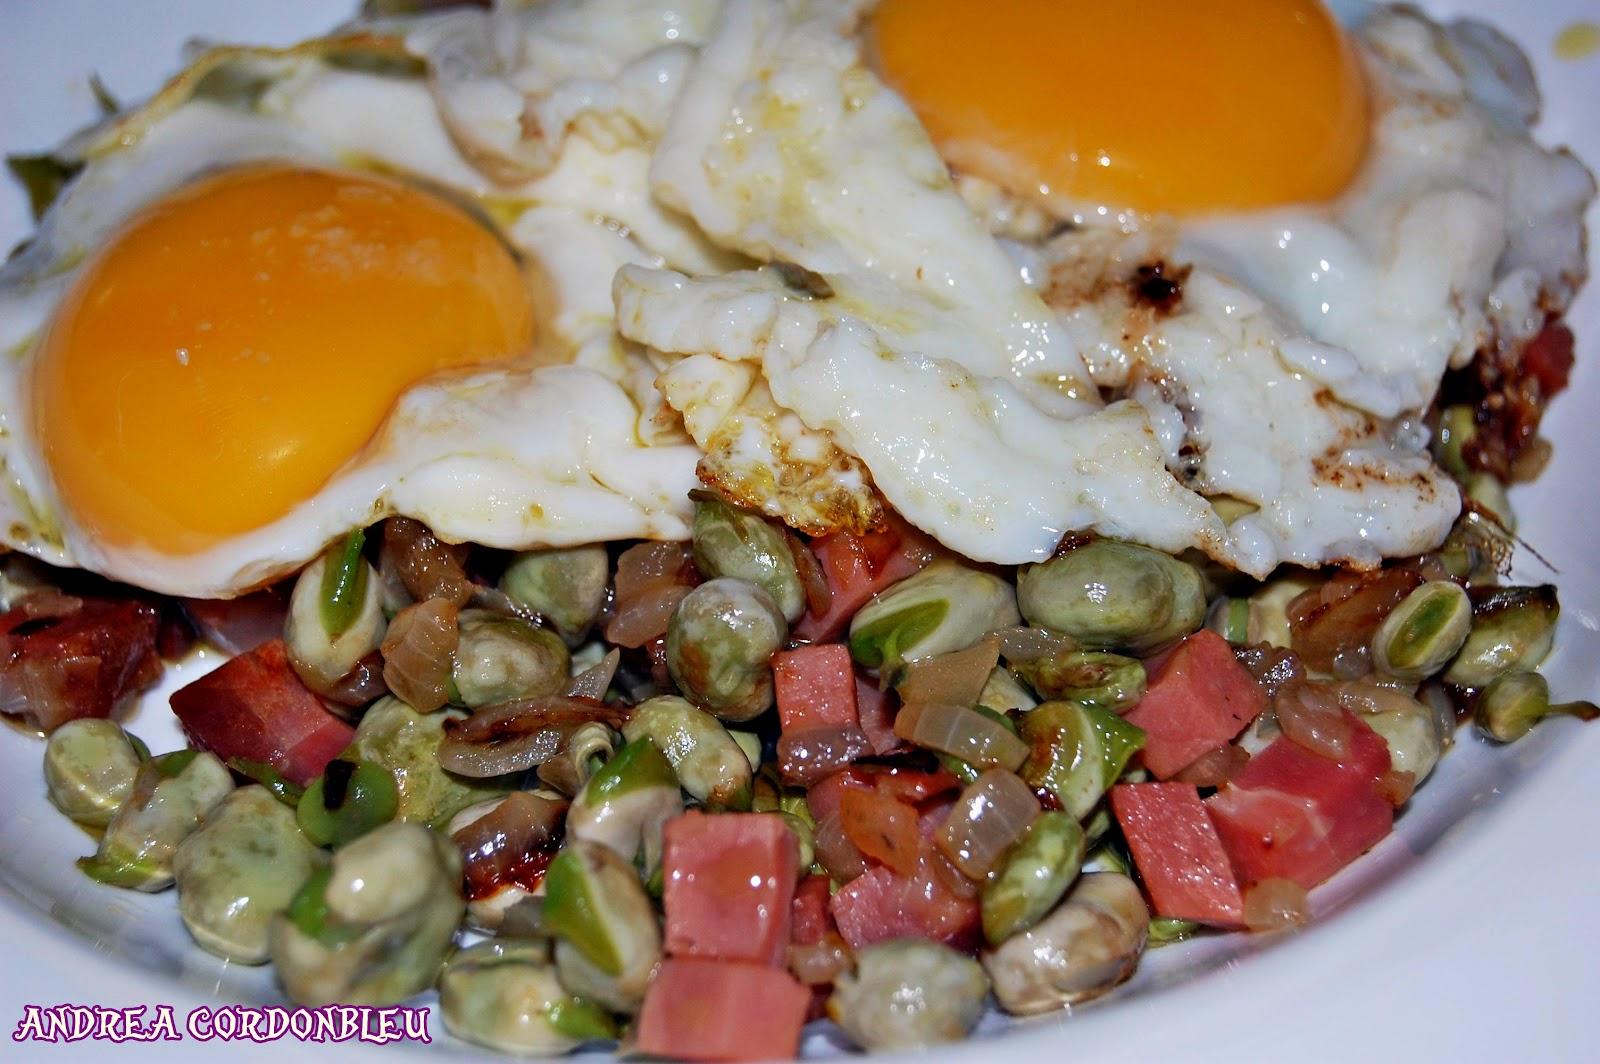 Cordonbleu habas con jam n serrano y huevo cocina - Habas tiernas con jamon ...